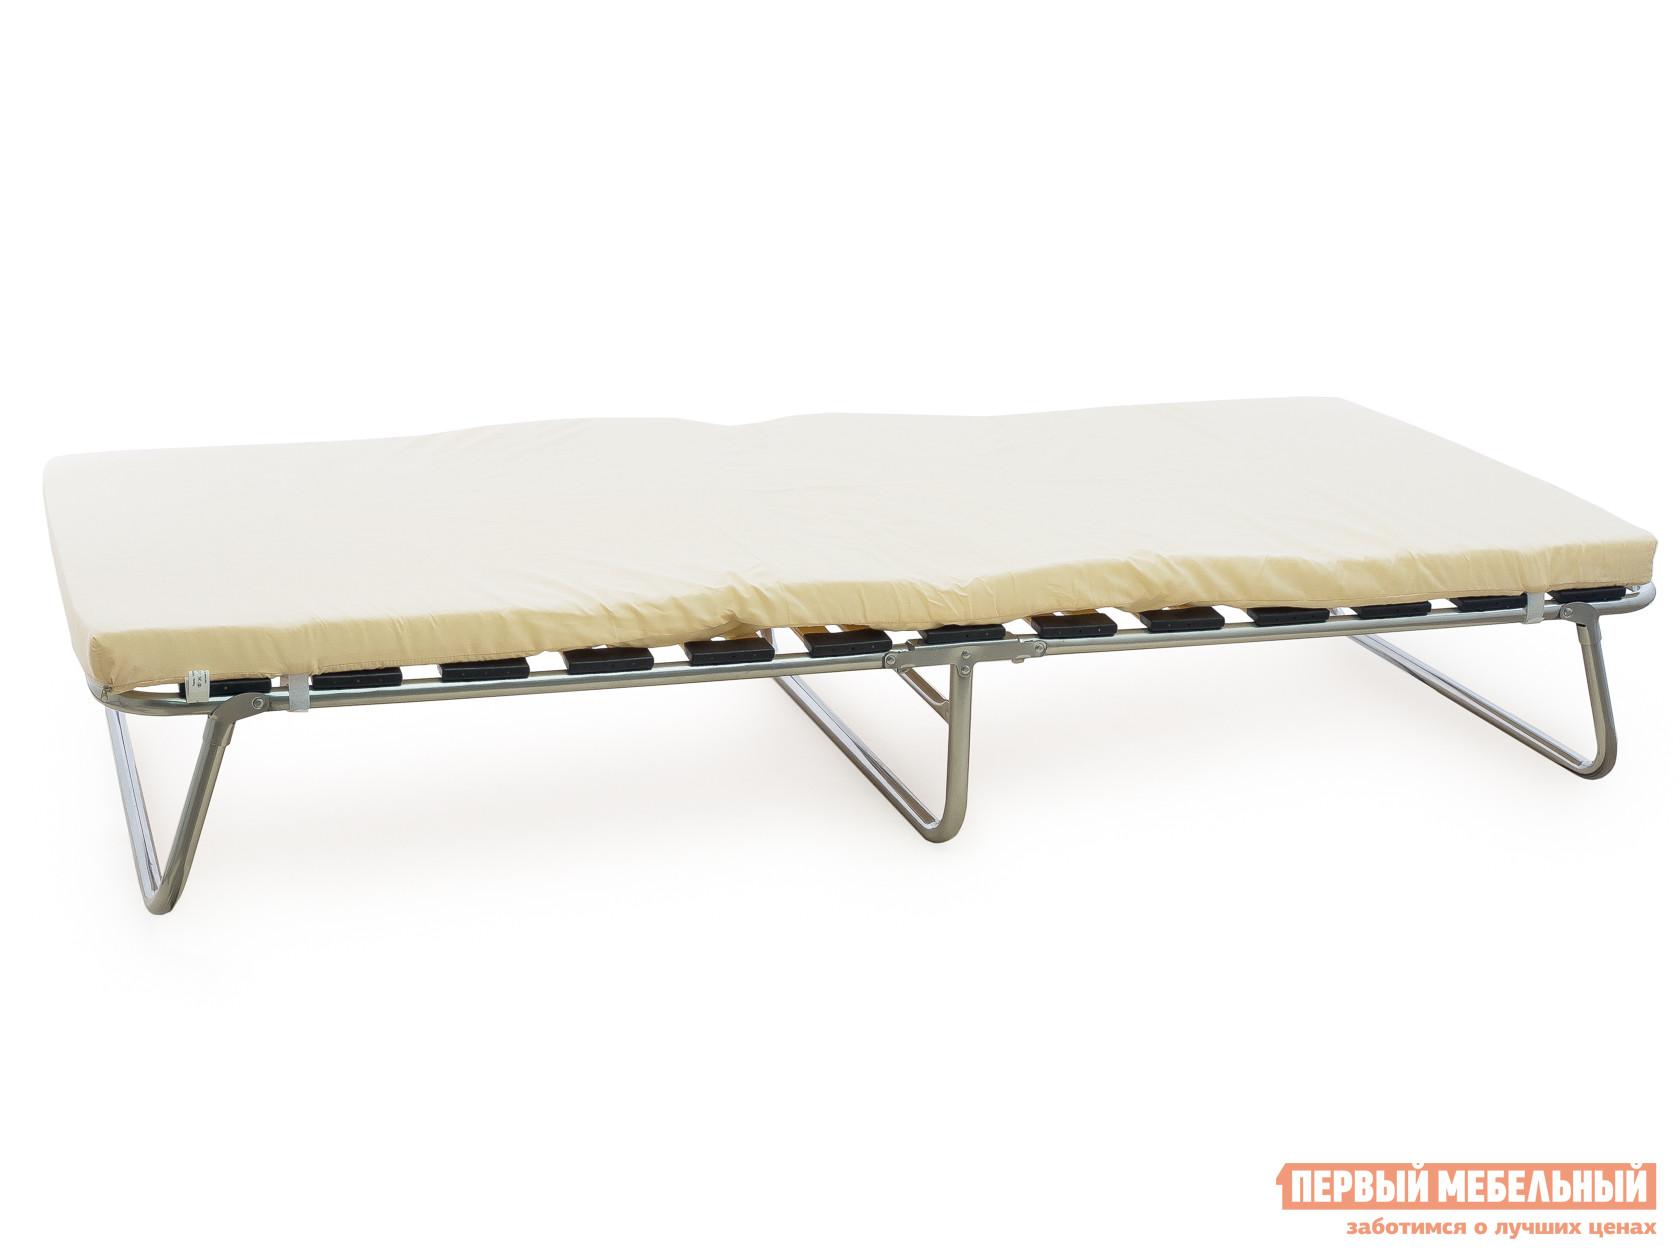 Раскладушка с матрасом Мебель Импэкс Кровать раскладная «Анжелика» раскладушка ярославль мебель стандарт м